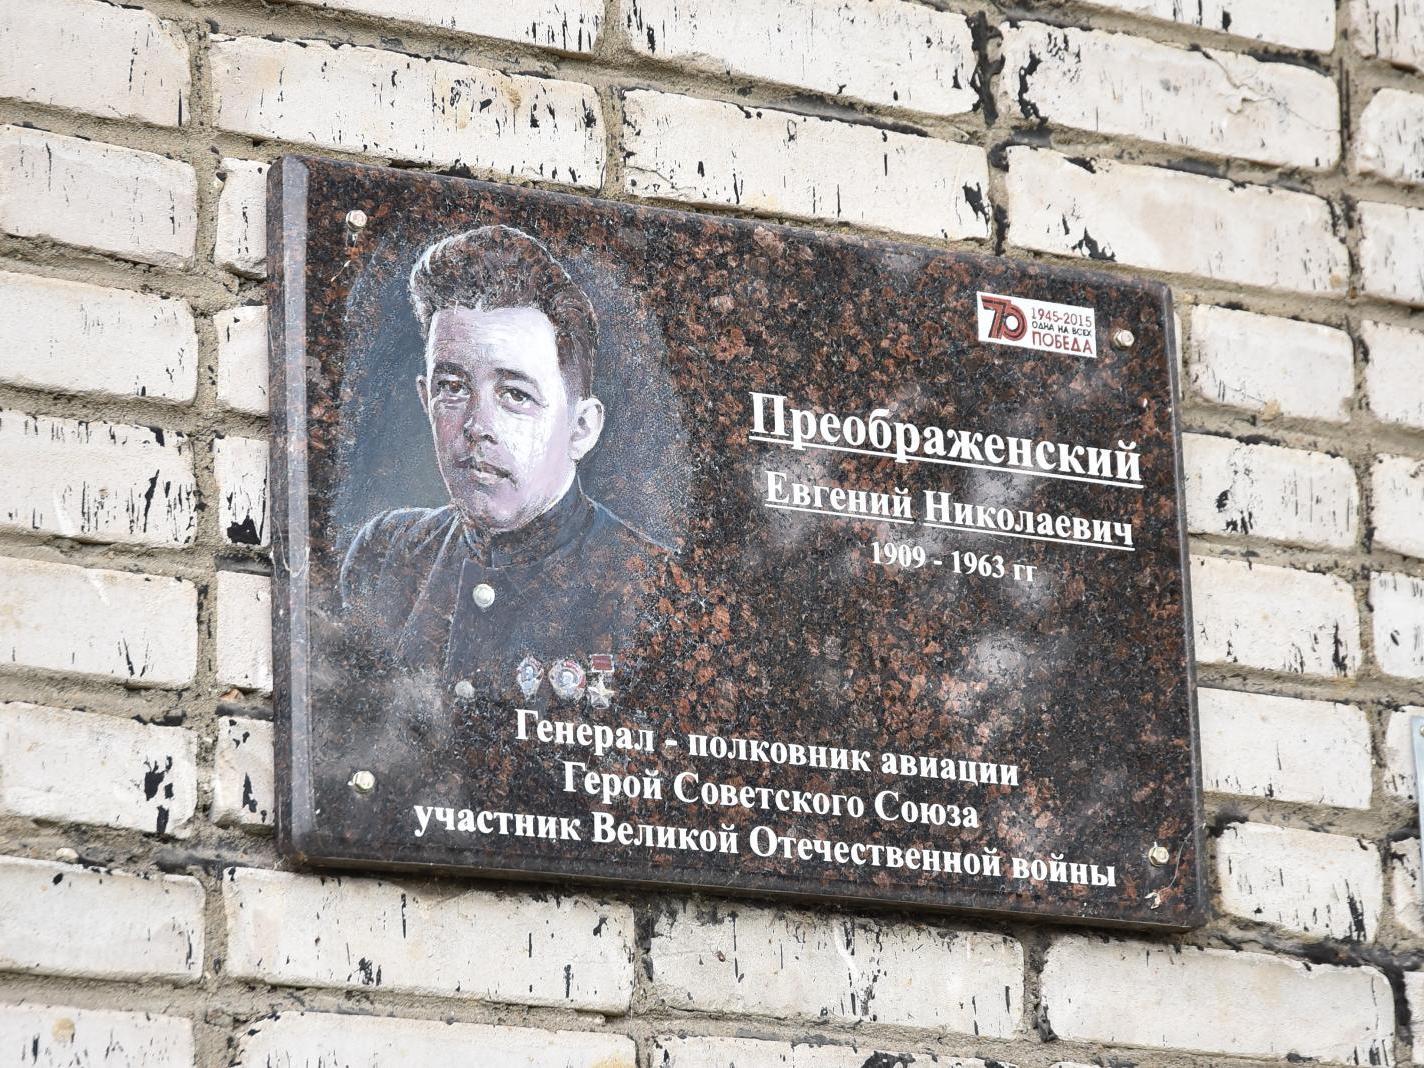 110-летие со дня рождения героя-земляка Евгения Преображенского отметили в Вологде